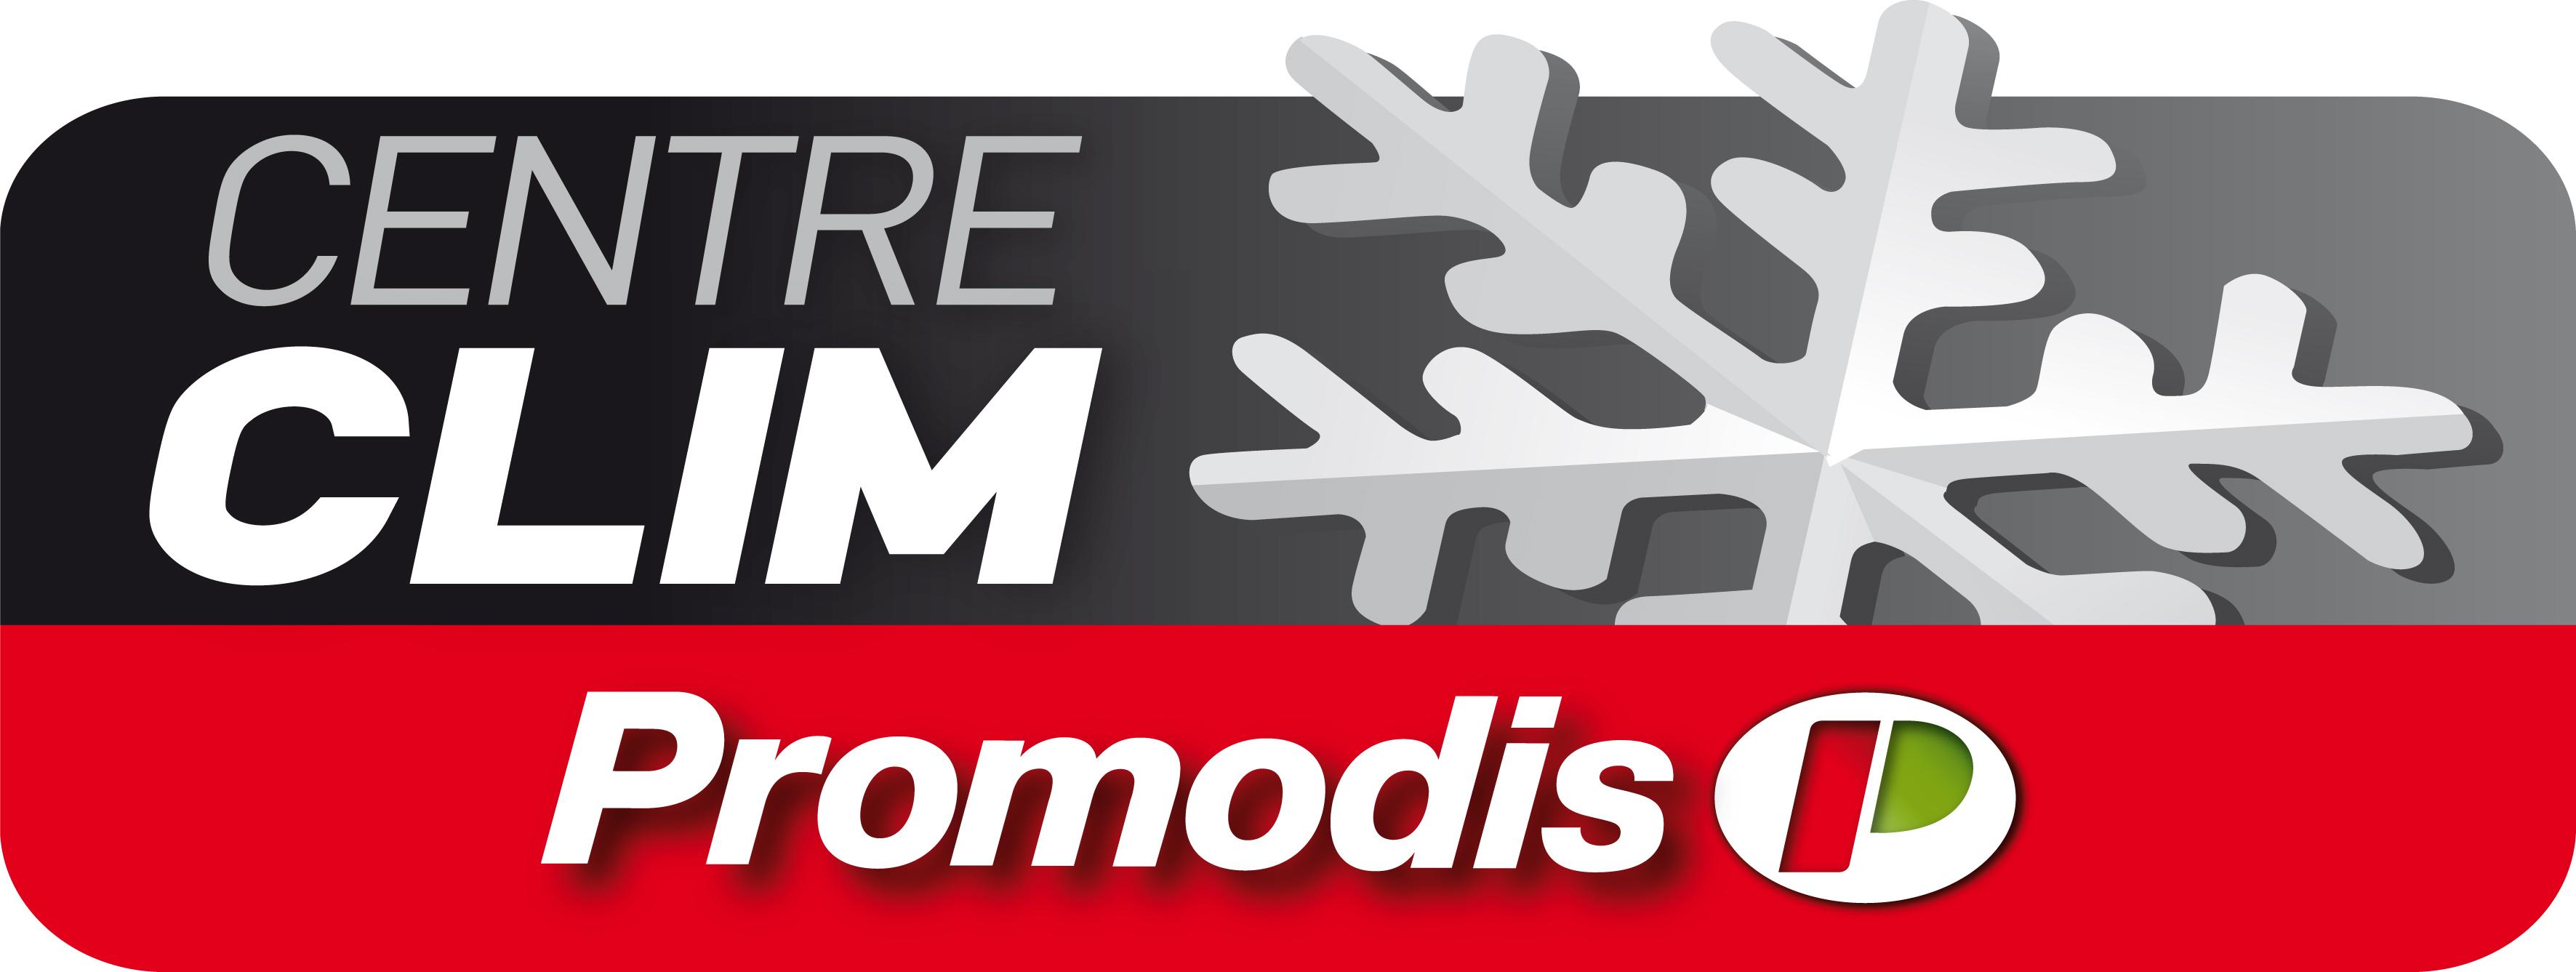 Centre clim Promodis